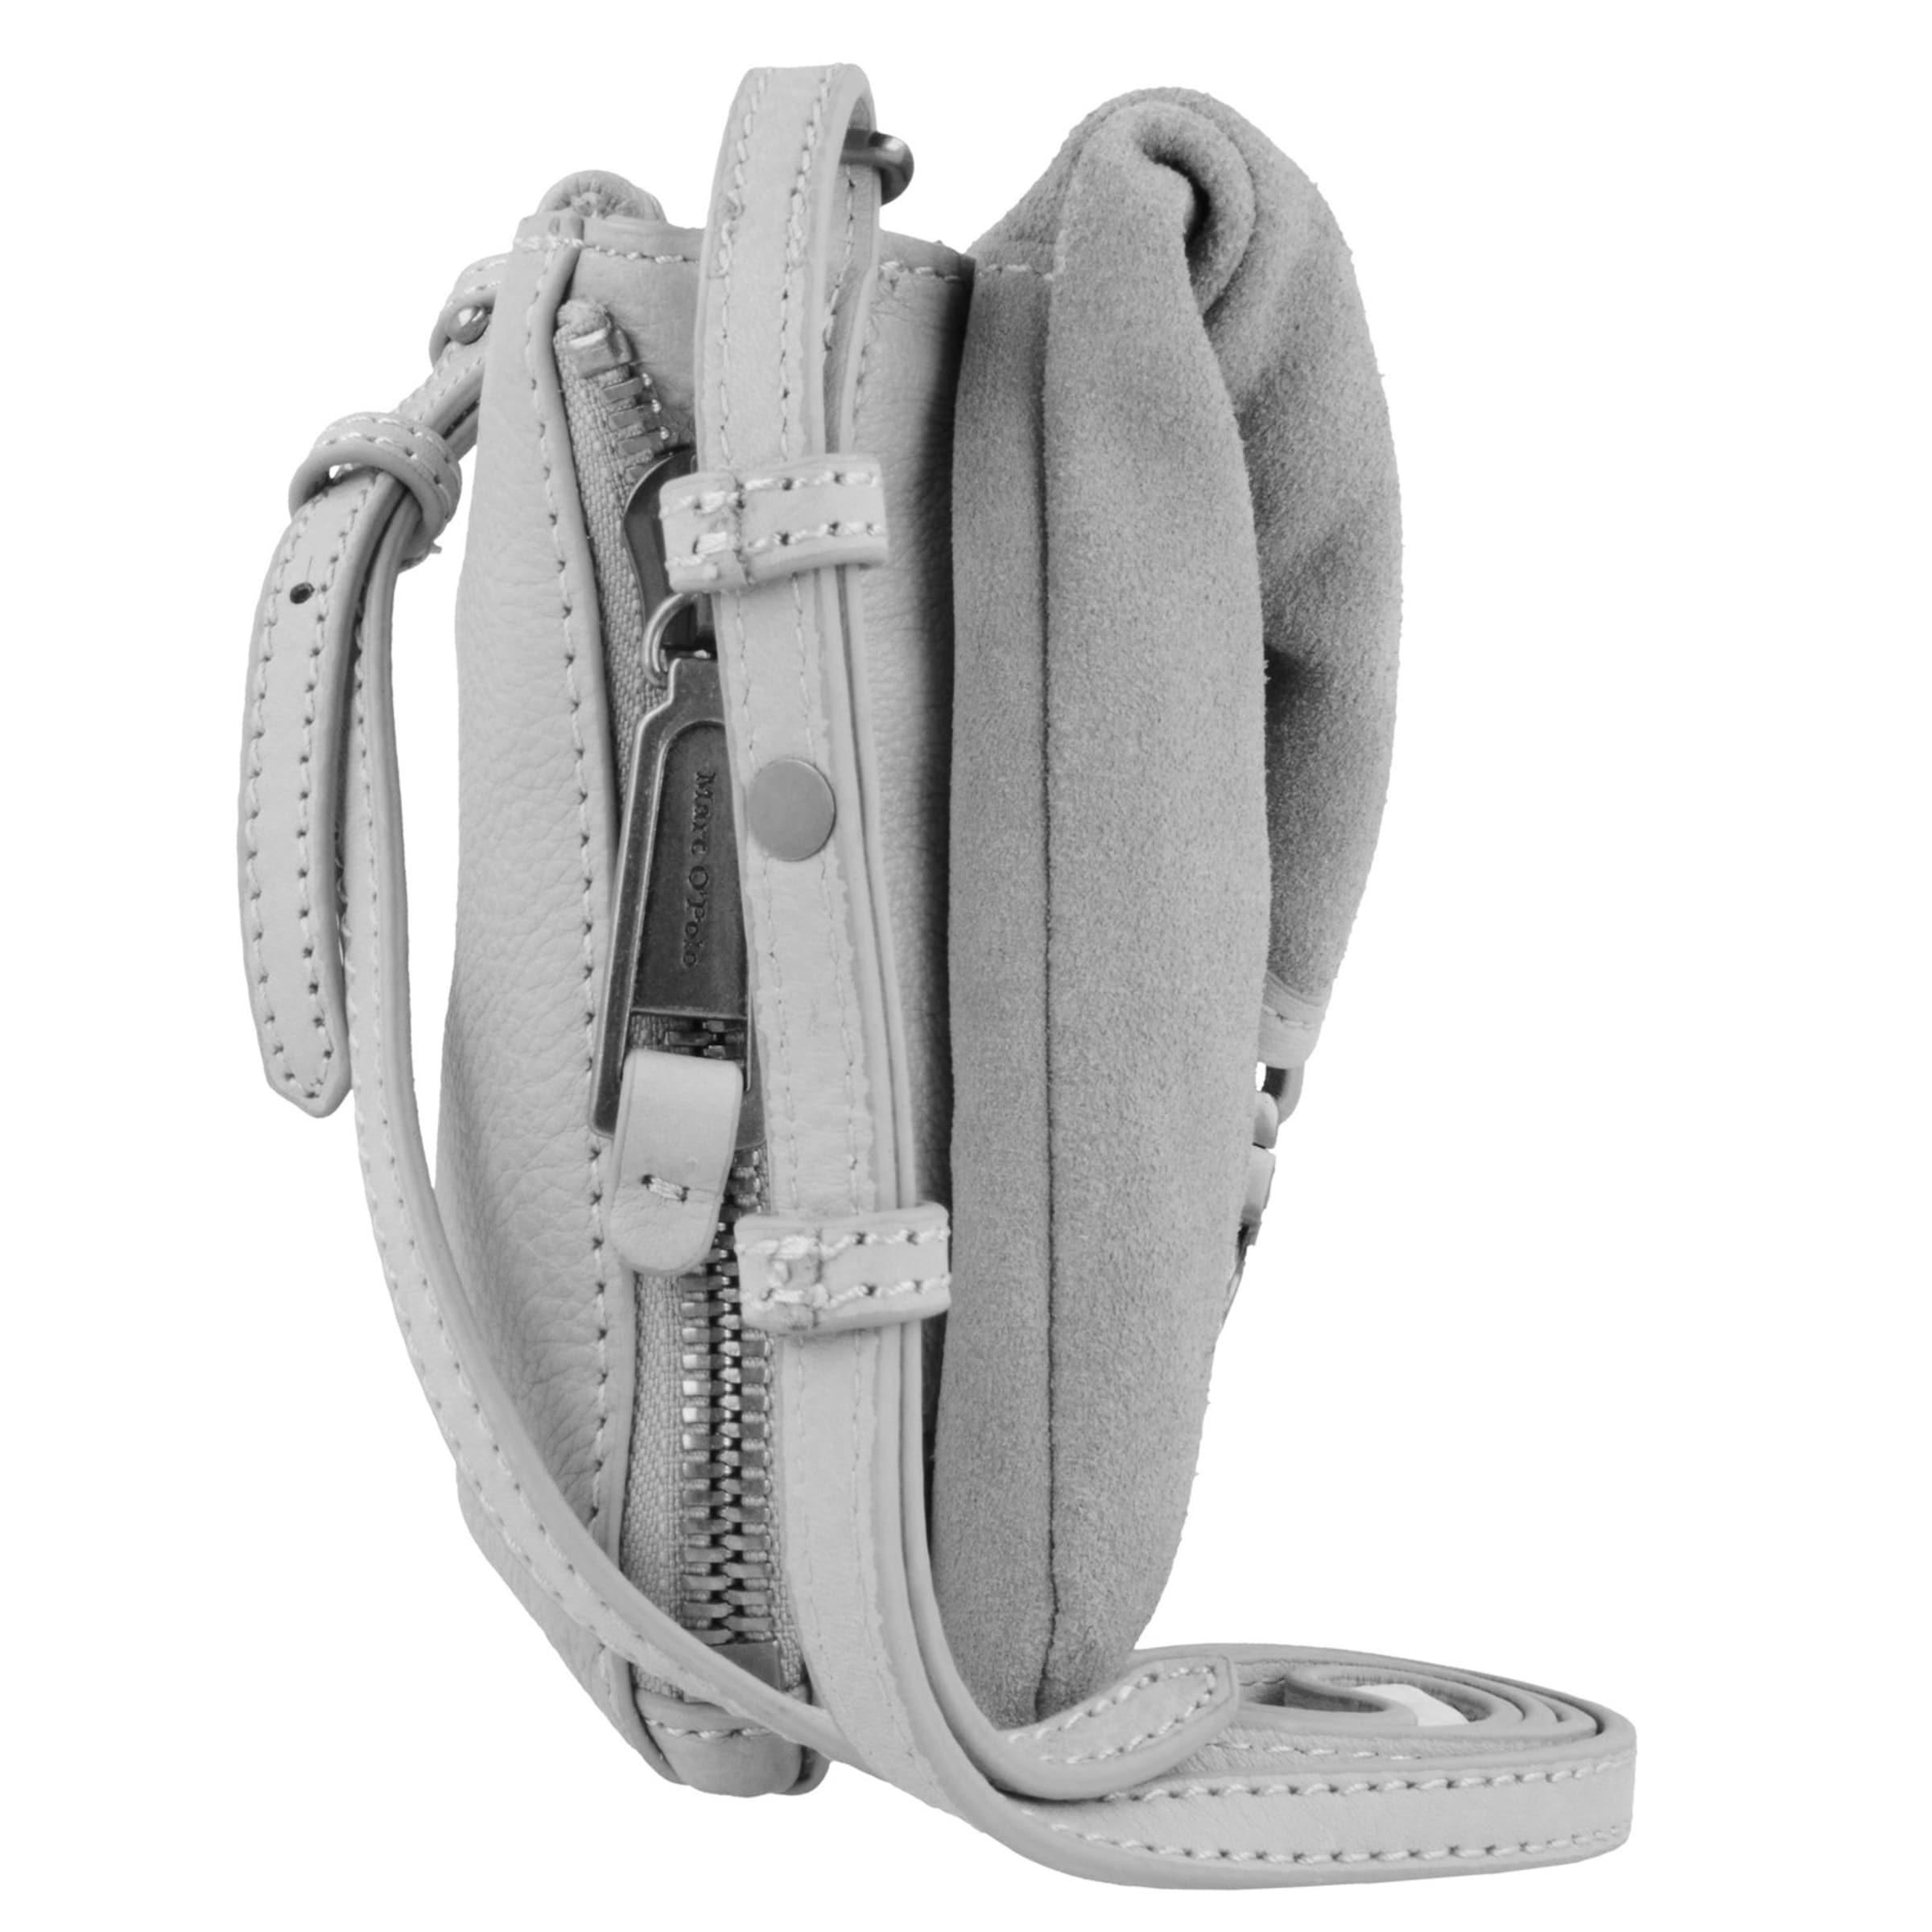 Marc O'Polo Eighteen Umhängetasche Leder 22 cm Rabatt Perfekt Austrittsspeicherstellen In Deutschland Verkauf Online Kaufen Angebot Billig Einkaufen 9dcSj